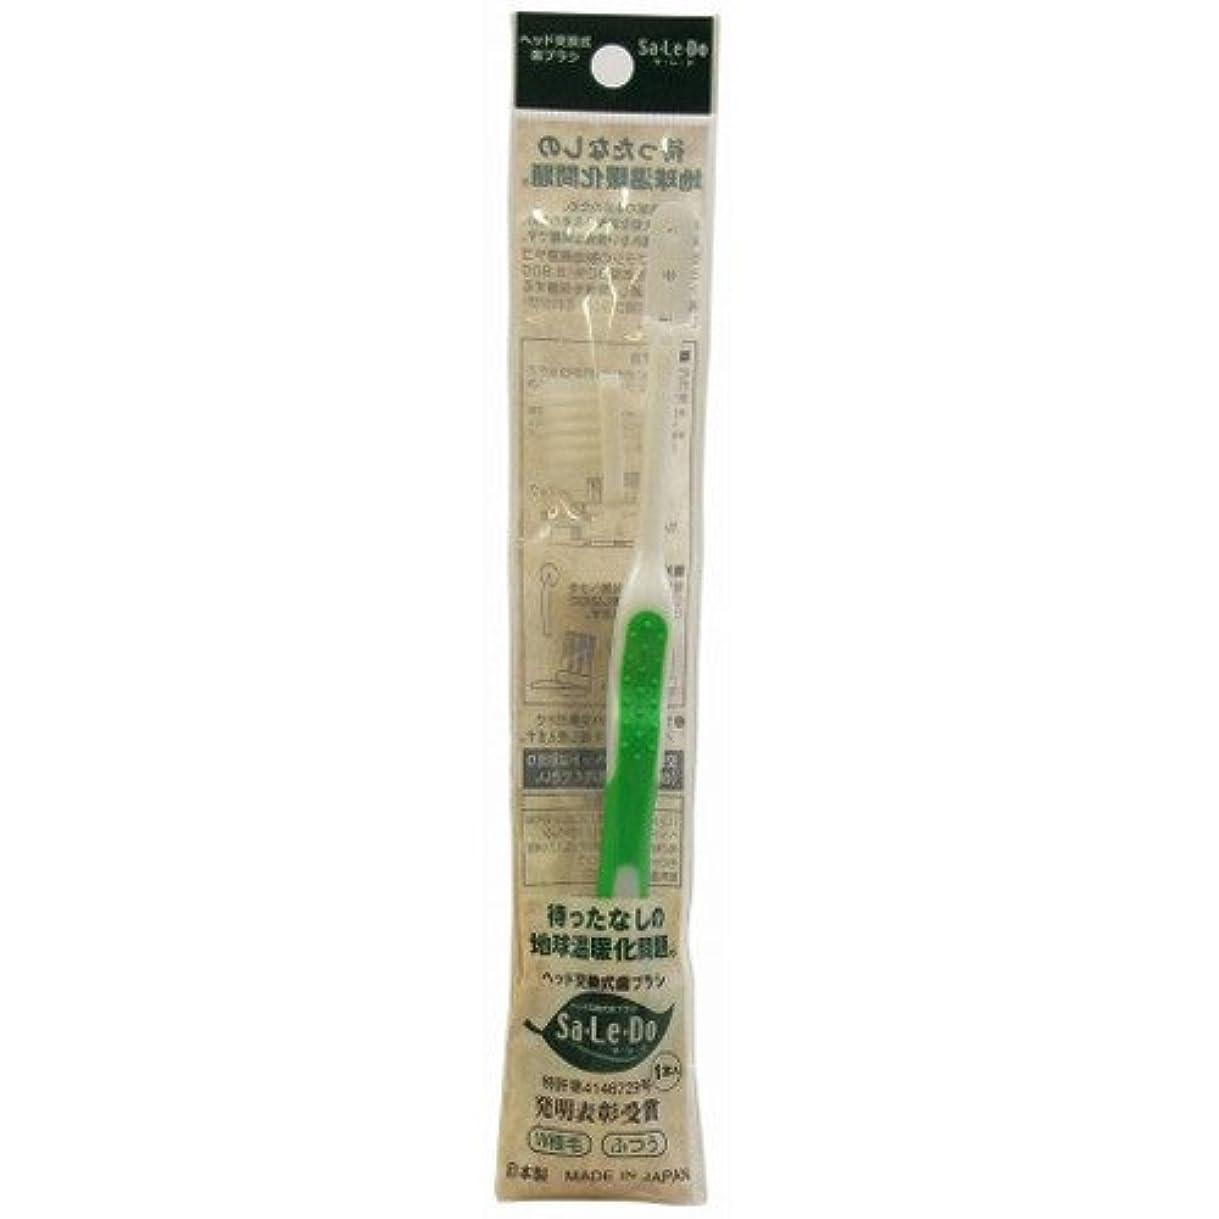 アスペクト卒業絶望サレド ヘッド交換式歯ブラシ お試しセット レギュラーヘッド グリーン